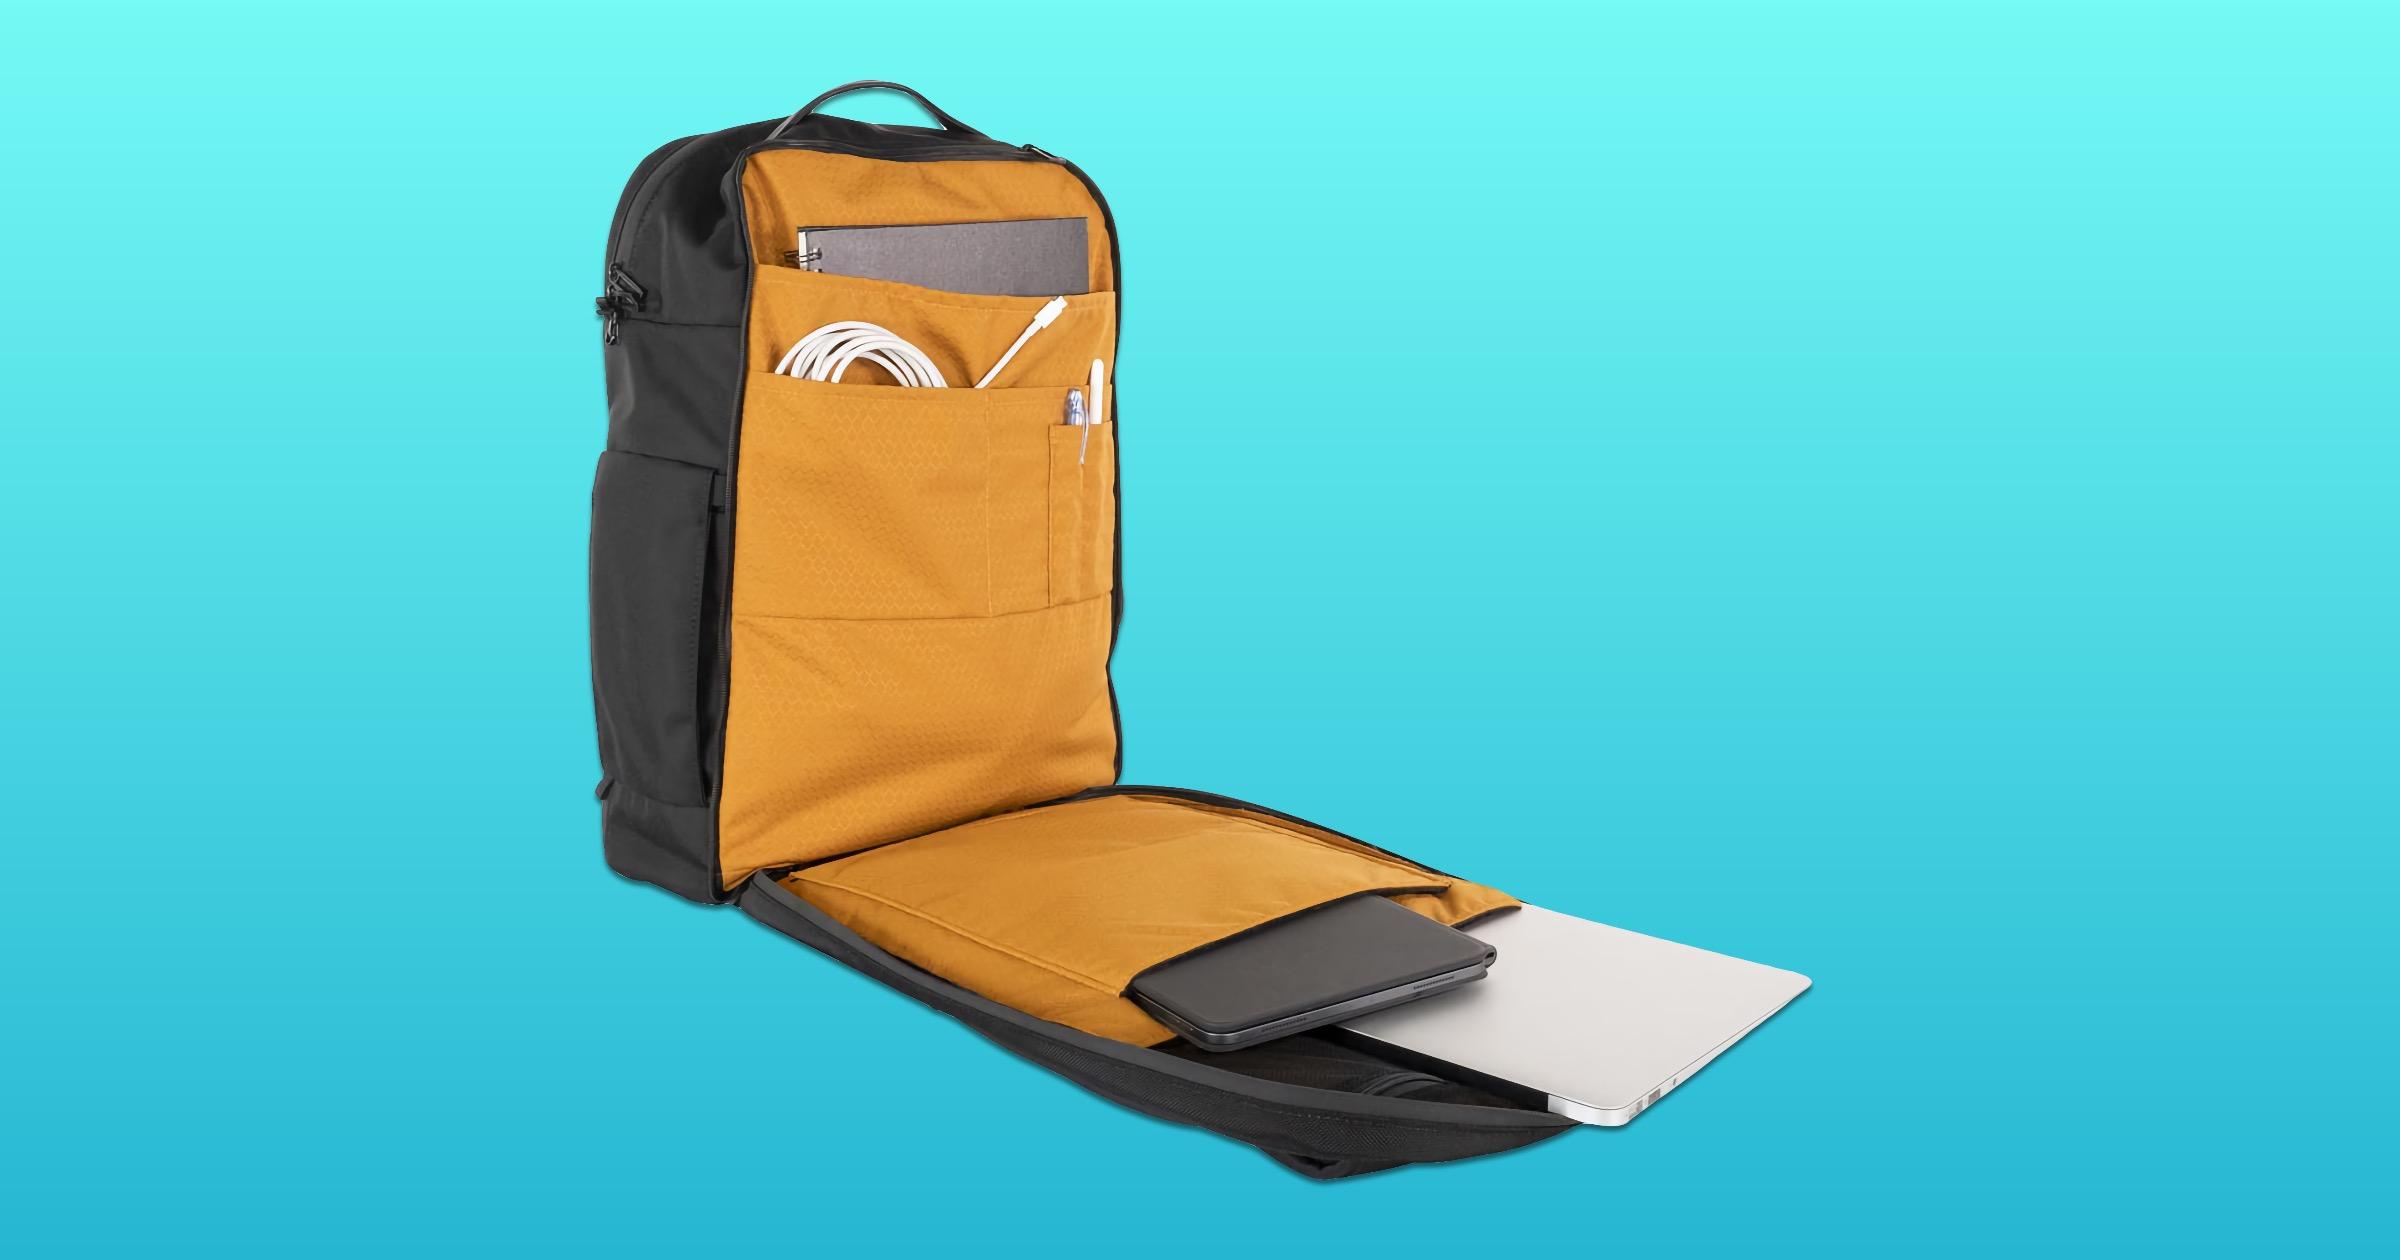 Waterfield Air Travel Backpack